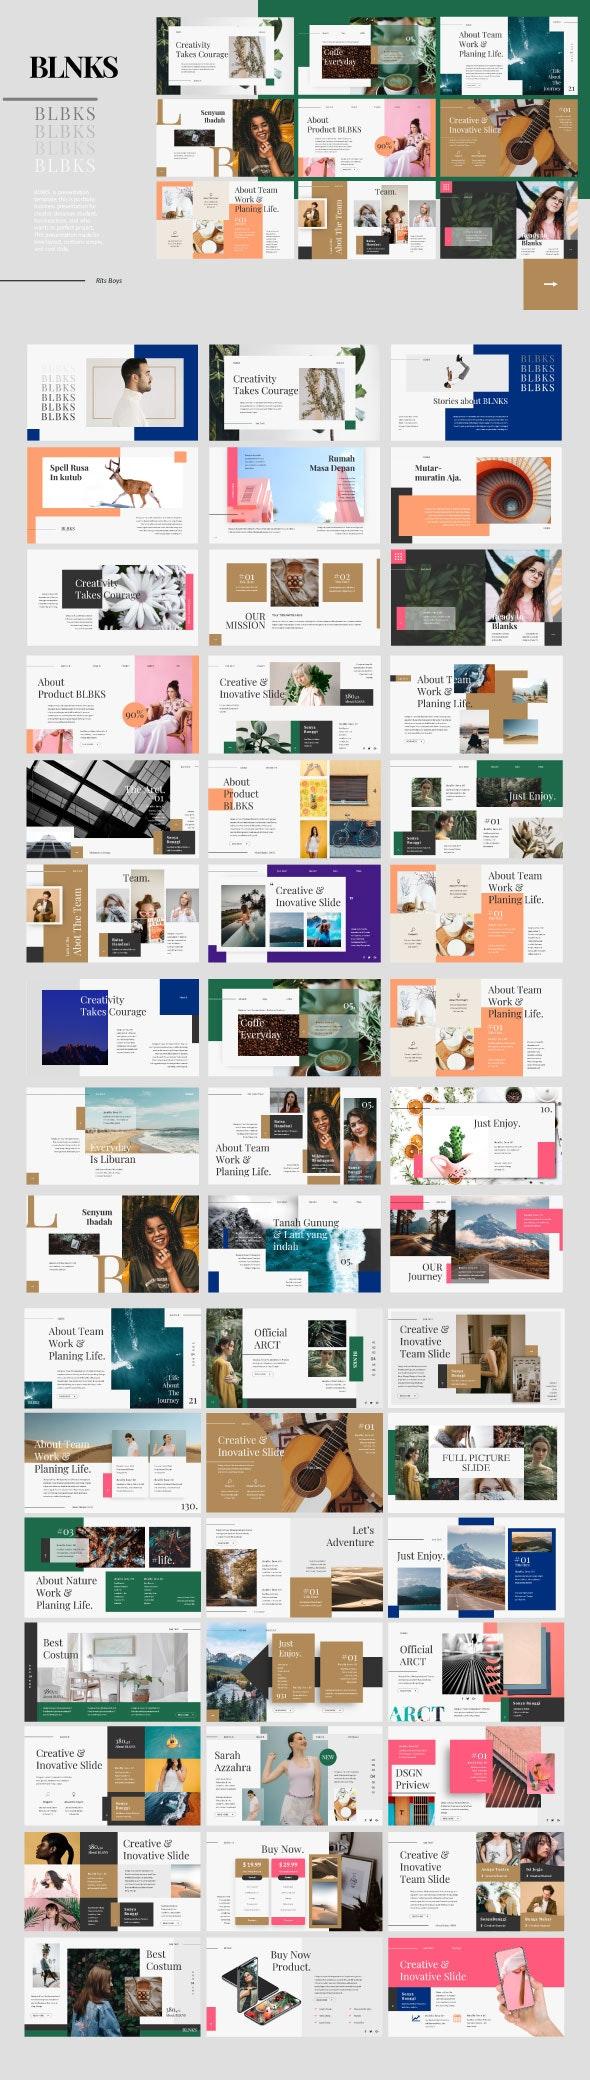 Blnks Google Slide Template - Google Slides Presentation Templates